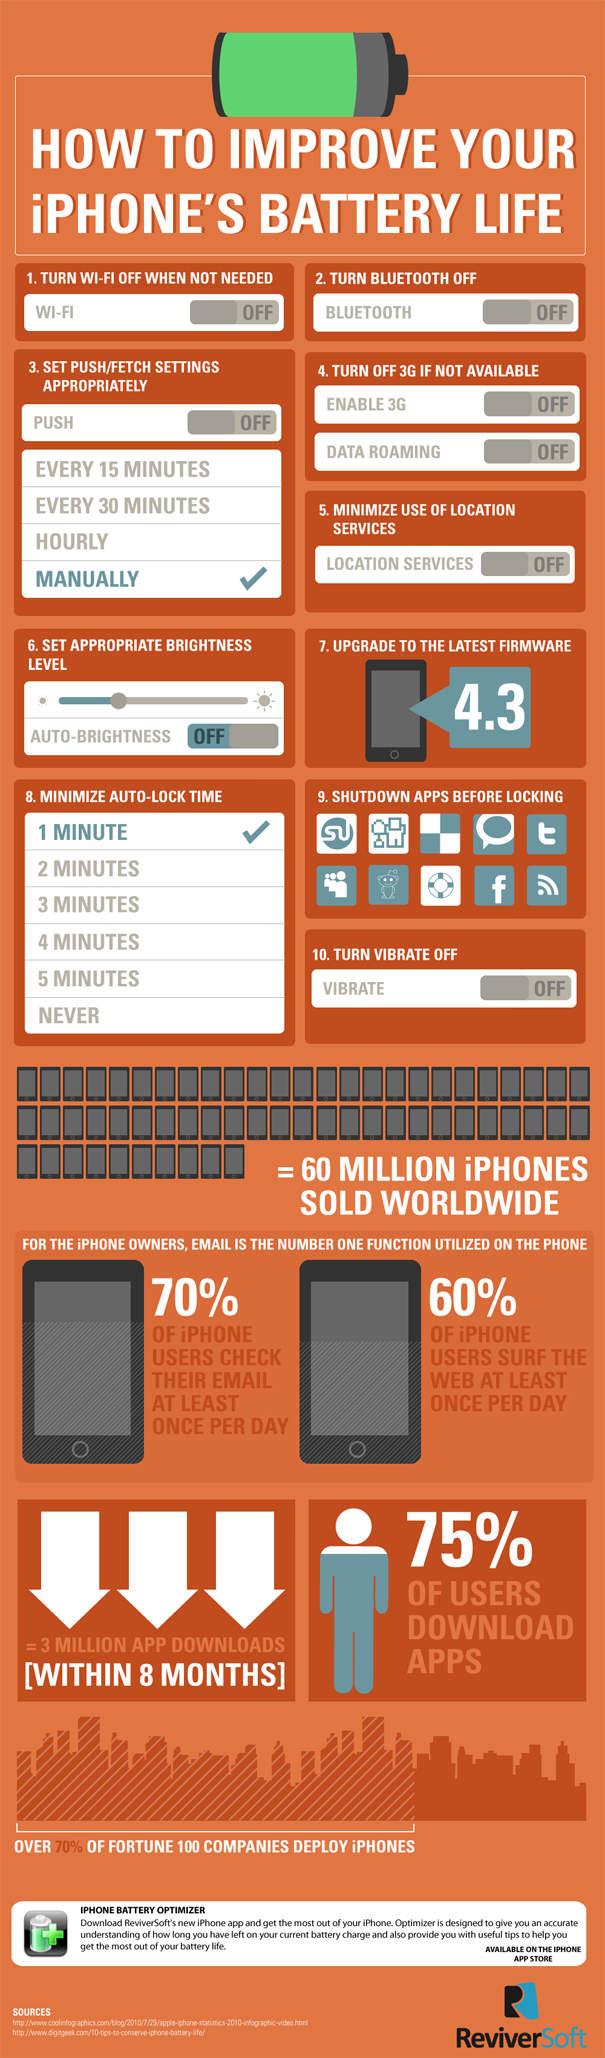 Cómo mejorar y optimizar la duración de la batería de tu iPhone